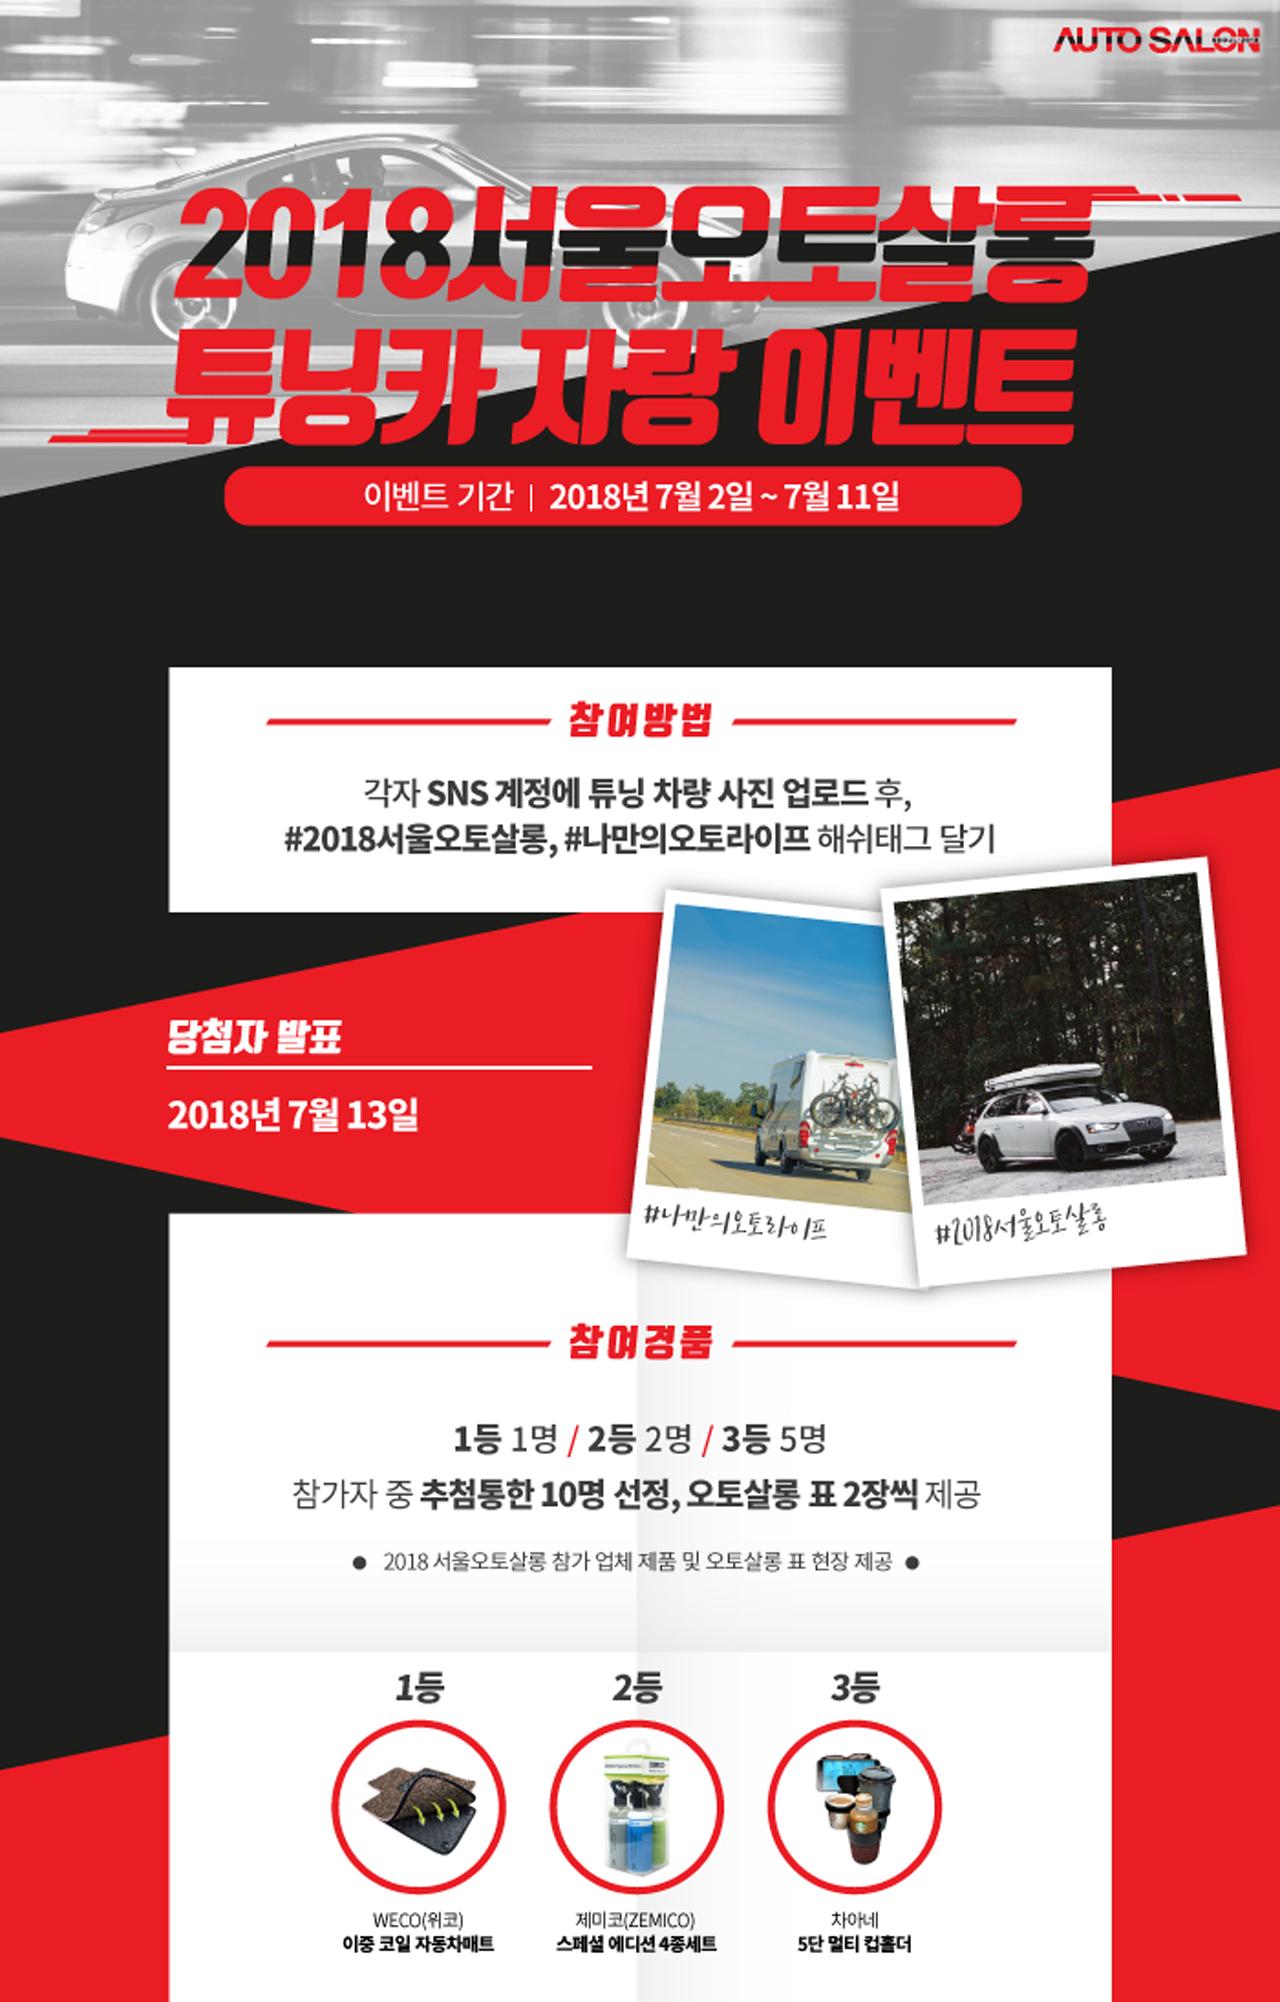 사진자료_2018 서울오토살롱 튜닝카 사진 공유 이벤트